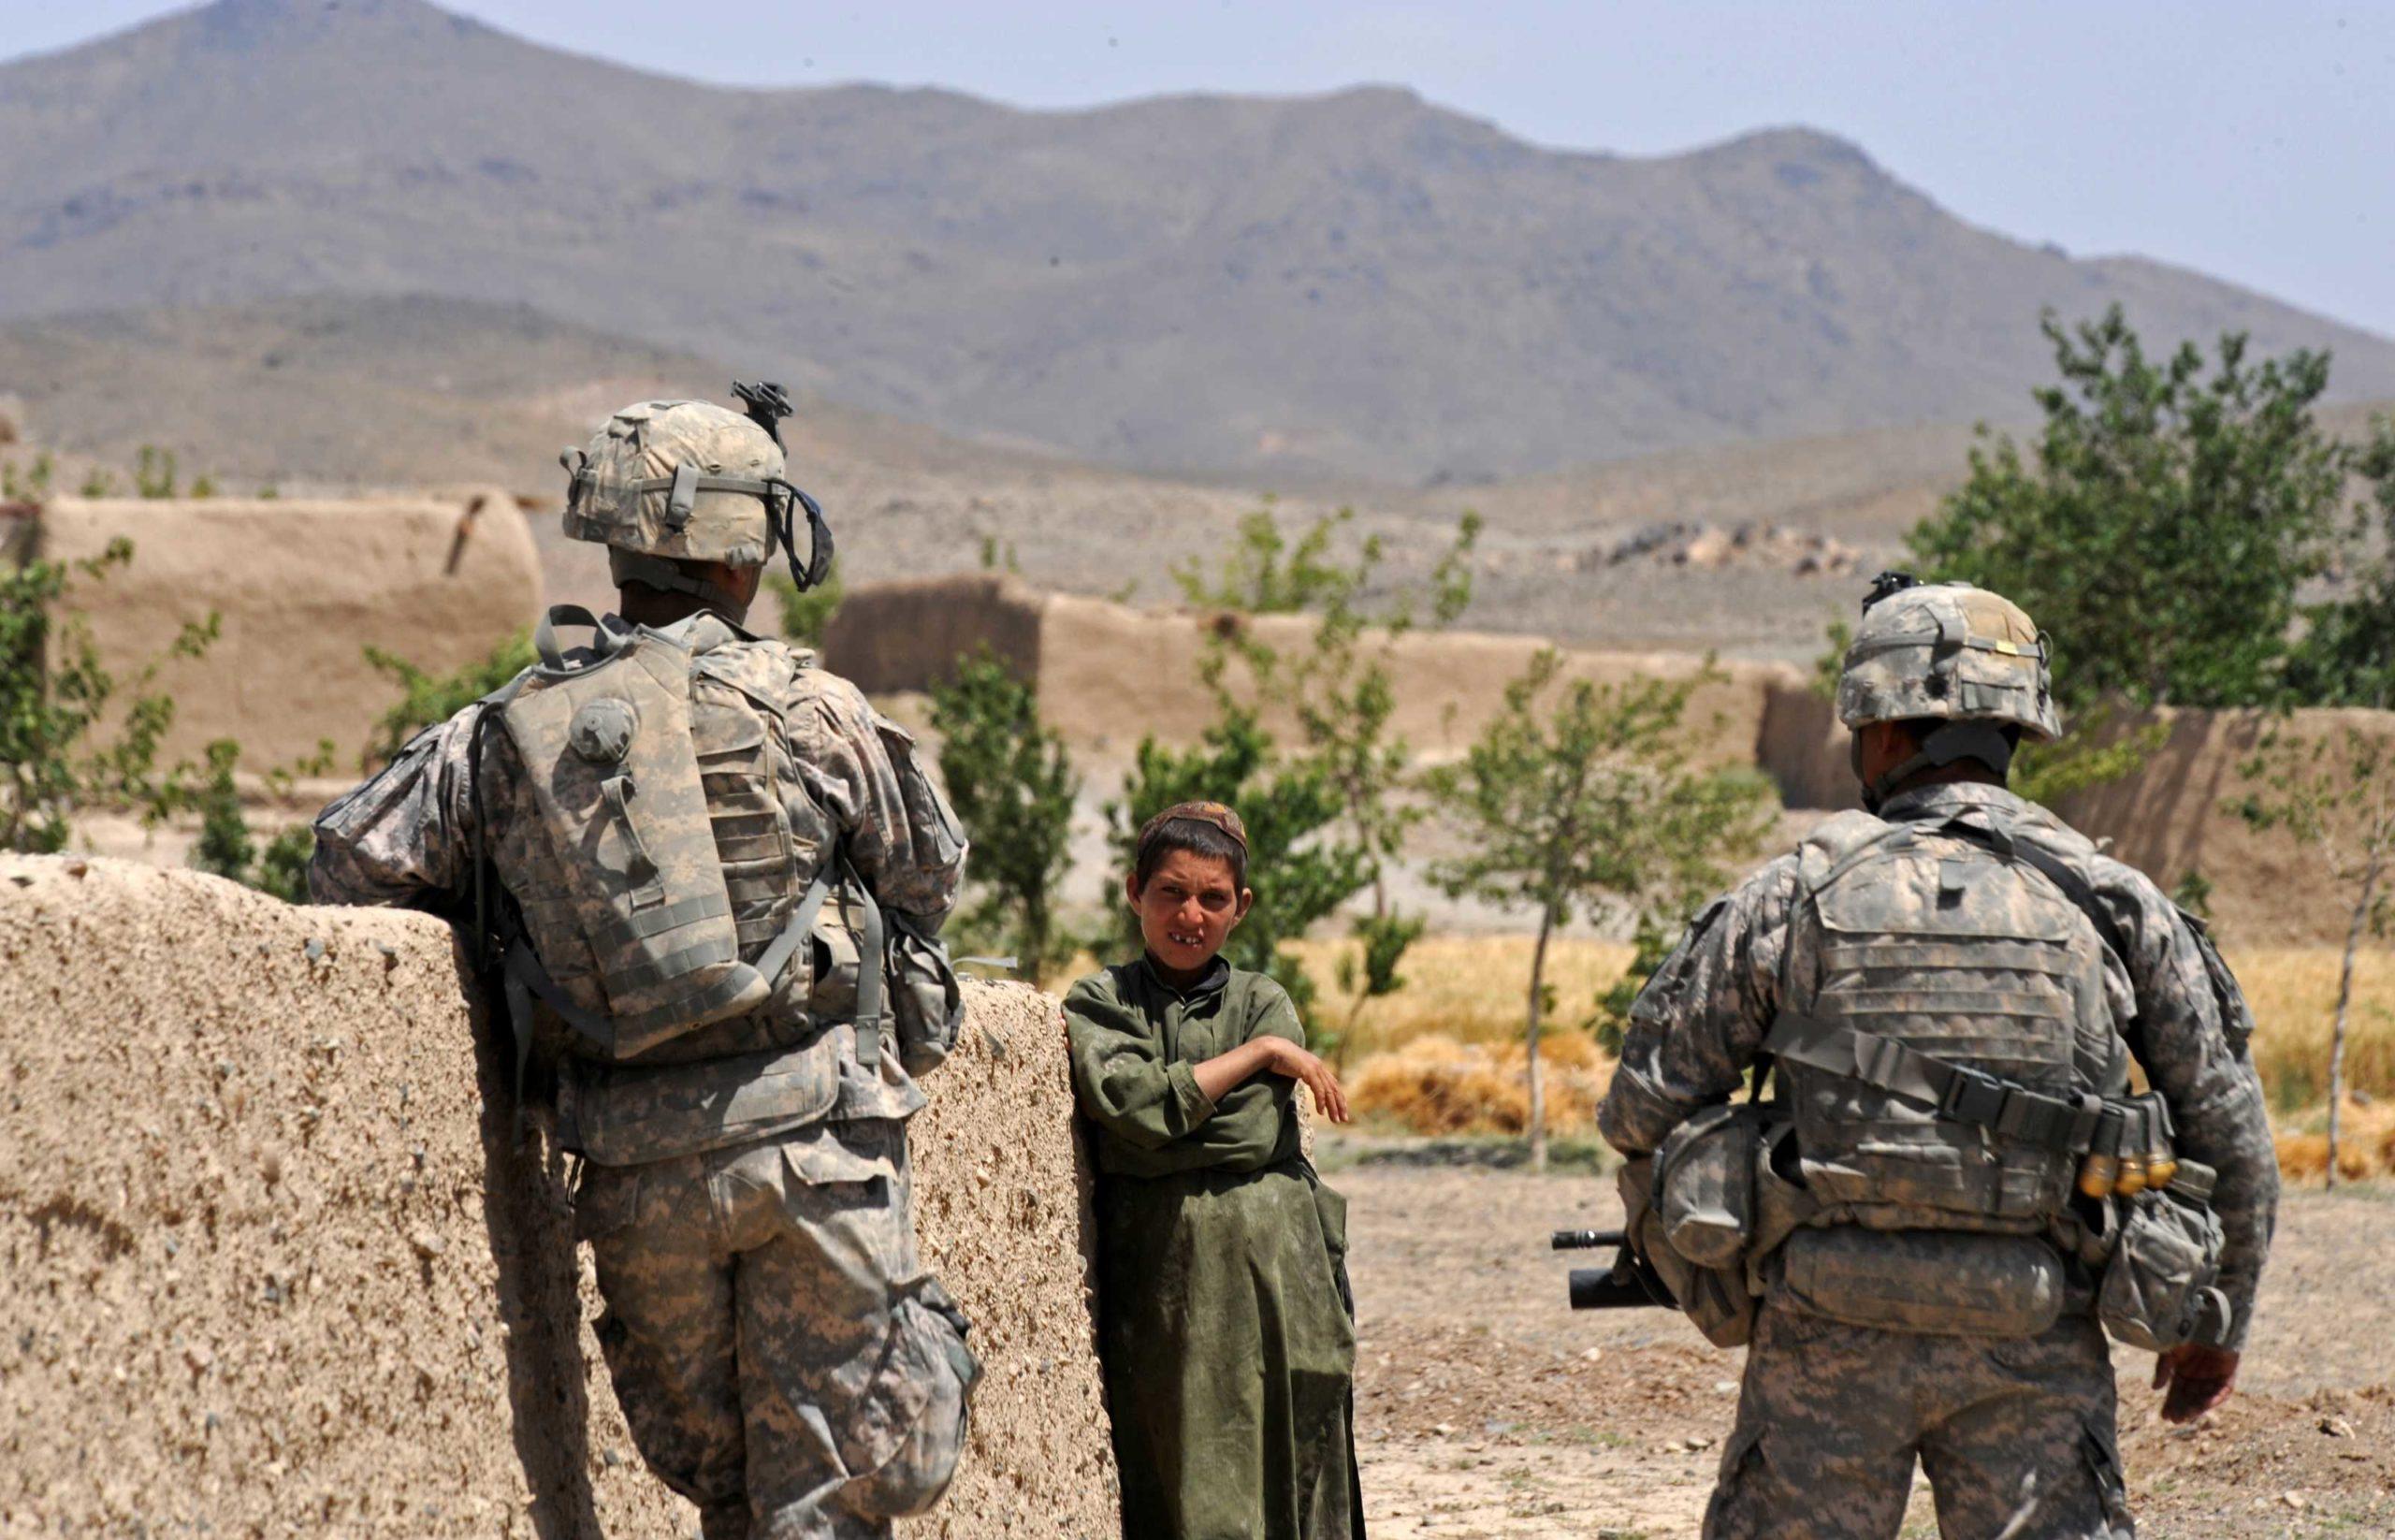 gettyimages 98950923 scaled - <b>«Талібан» — це новий ІДІЛ? Чи є загроза для України?</b> Відповідаємо на головні питання про війну в Афганістані - Заборона